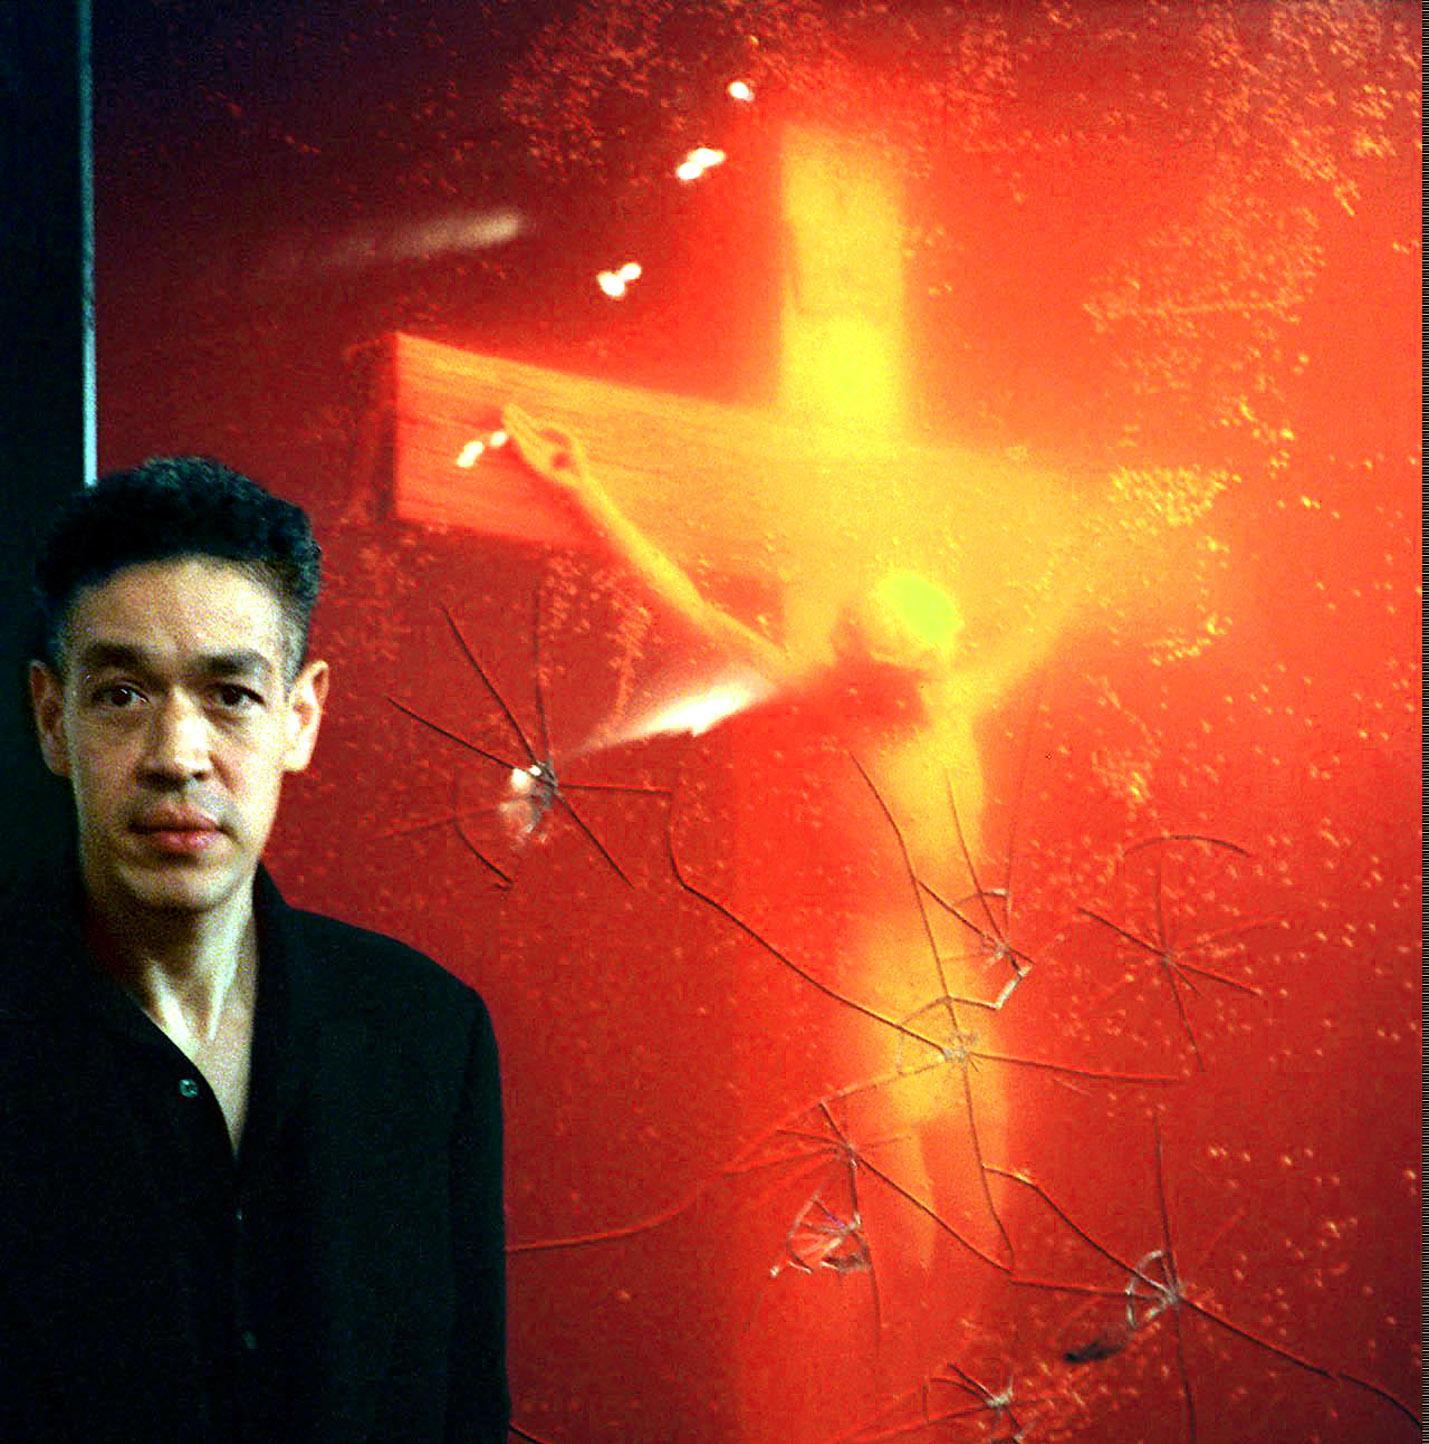 """Amerikanske fotografen Andres Serrano vid sitt vandaliserade verk """"Piss Christ"""" 1997, en bild på ett krucifix nedsänkt i konstnärens urin."""